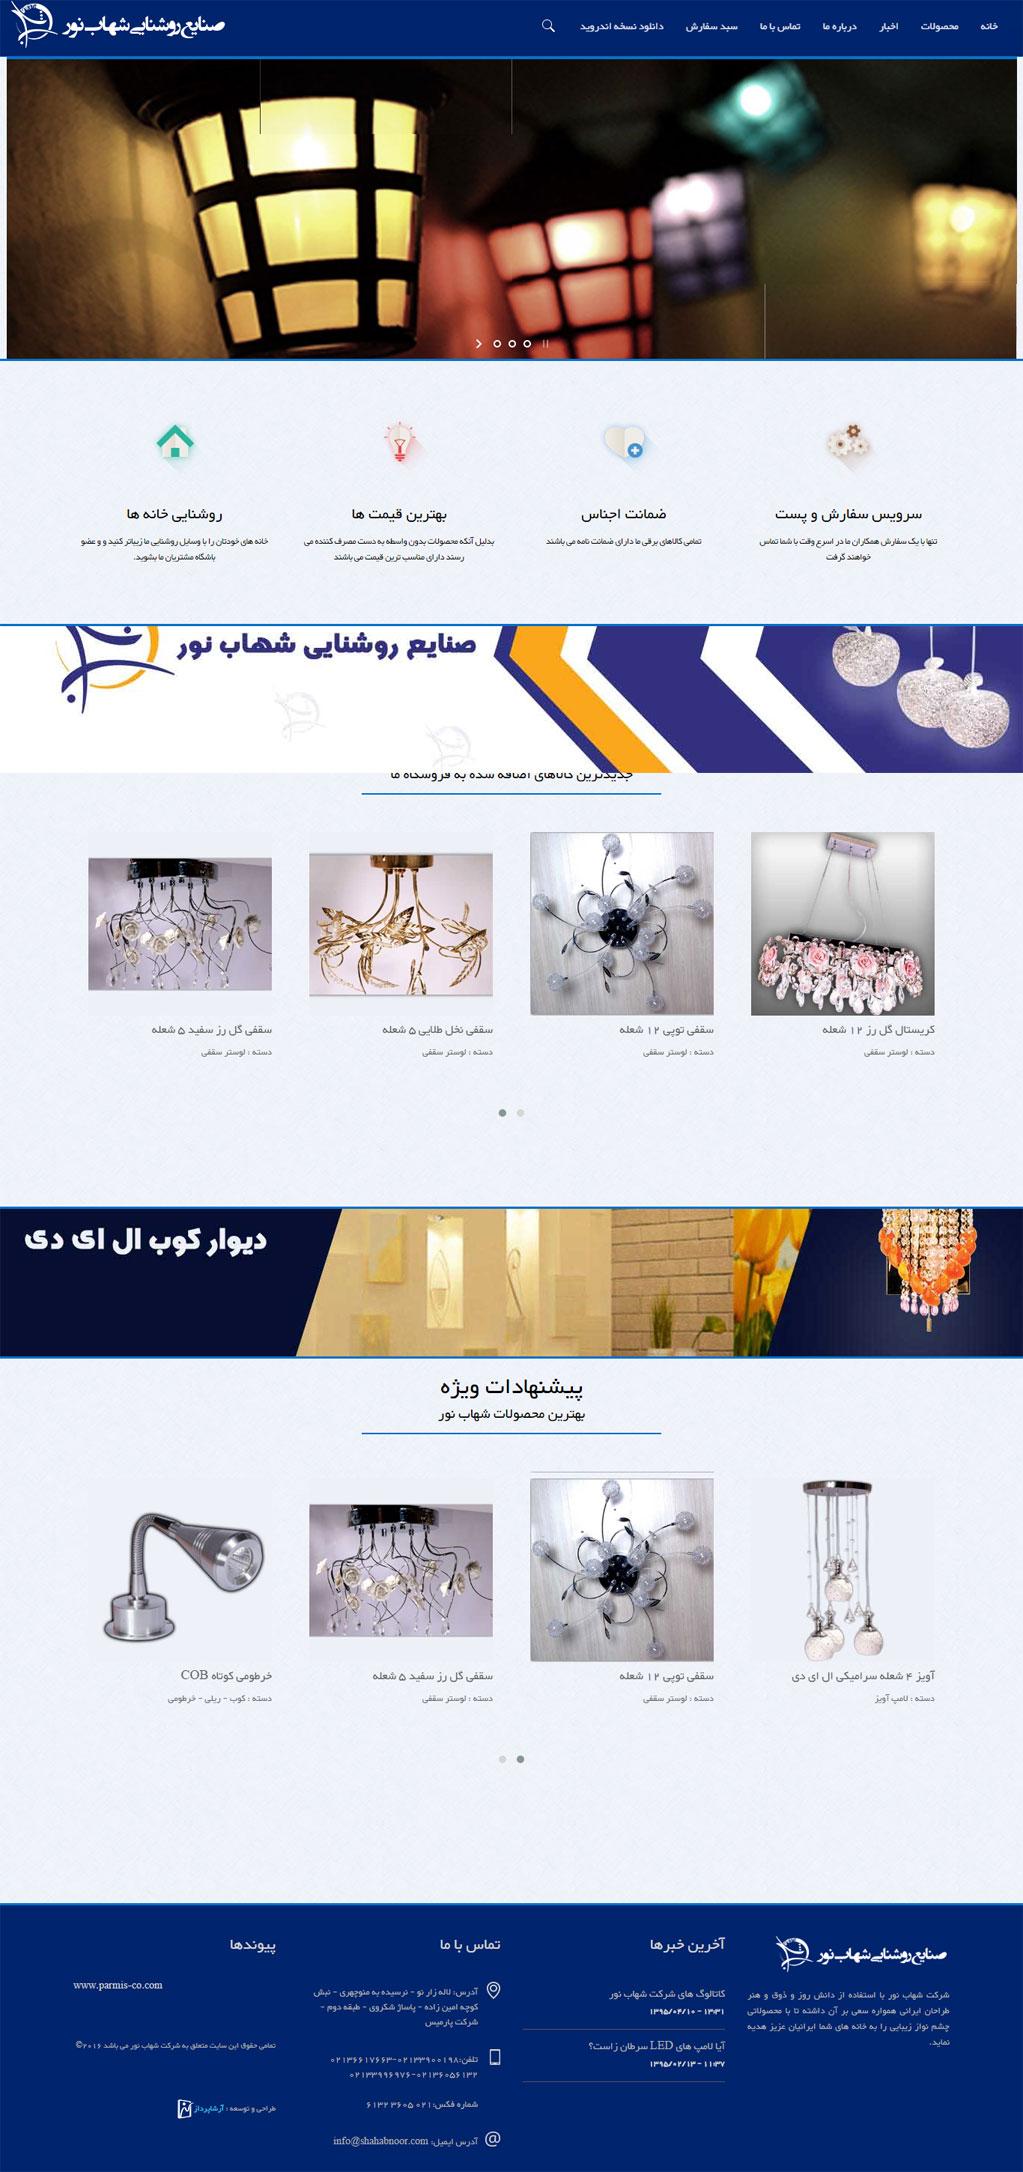 وب سایت فروشگاه آنلاین شهاب نور